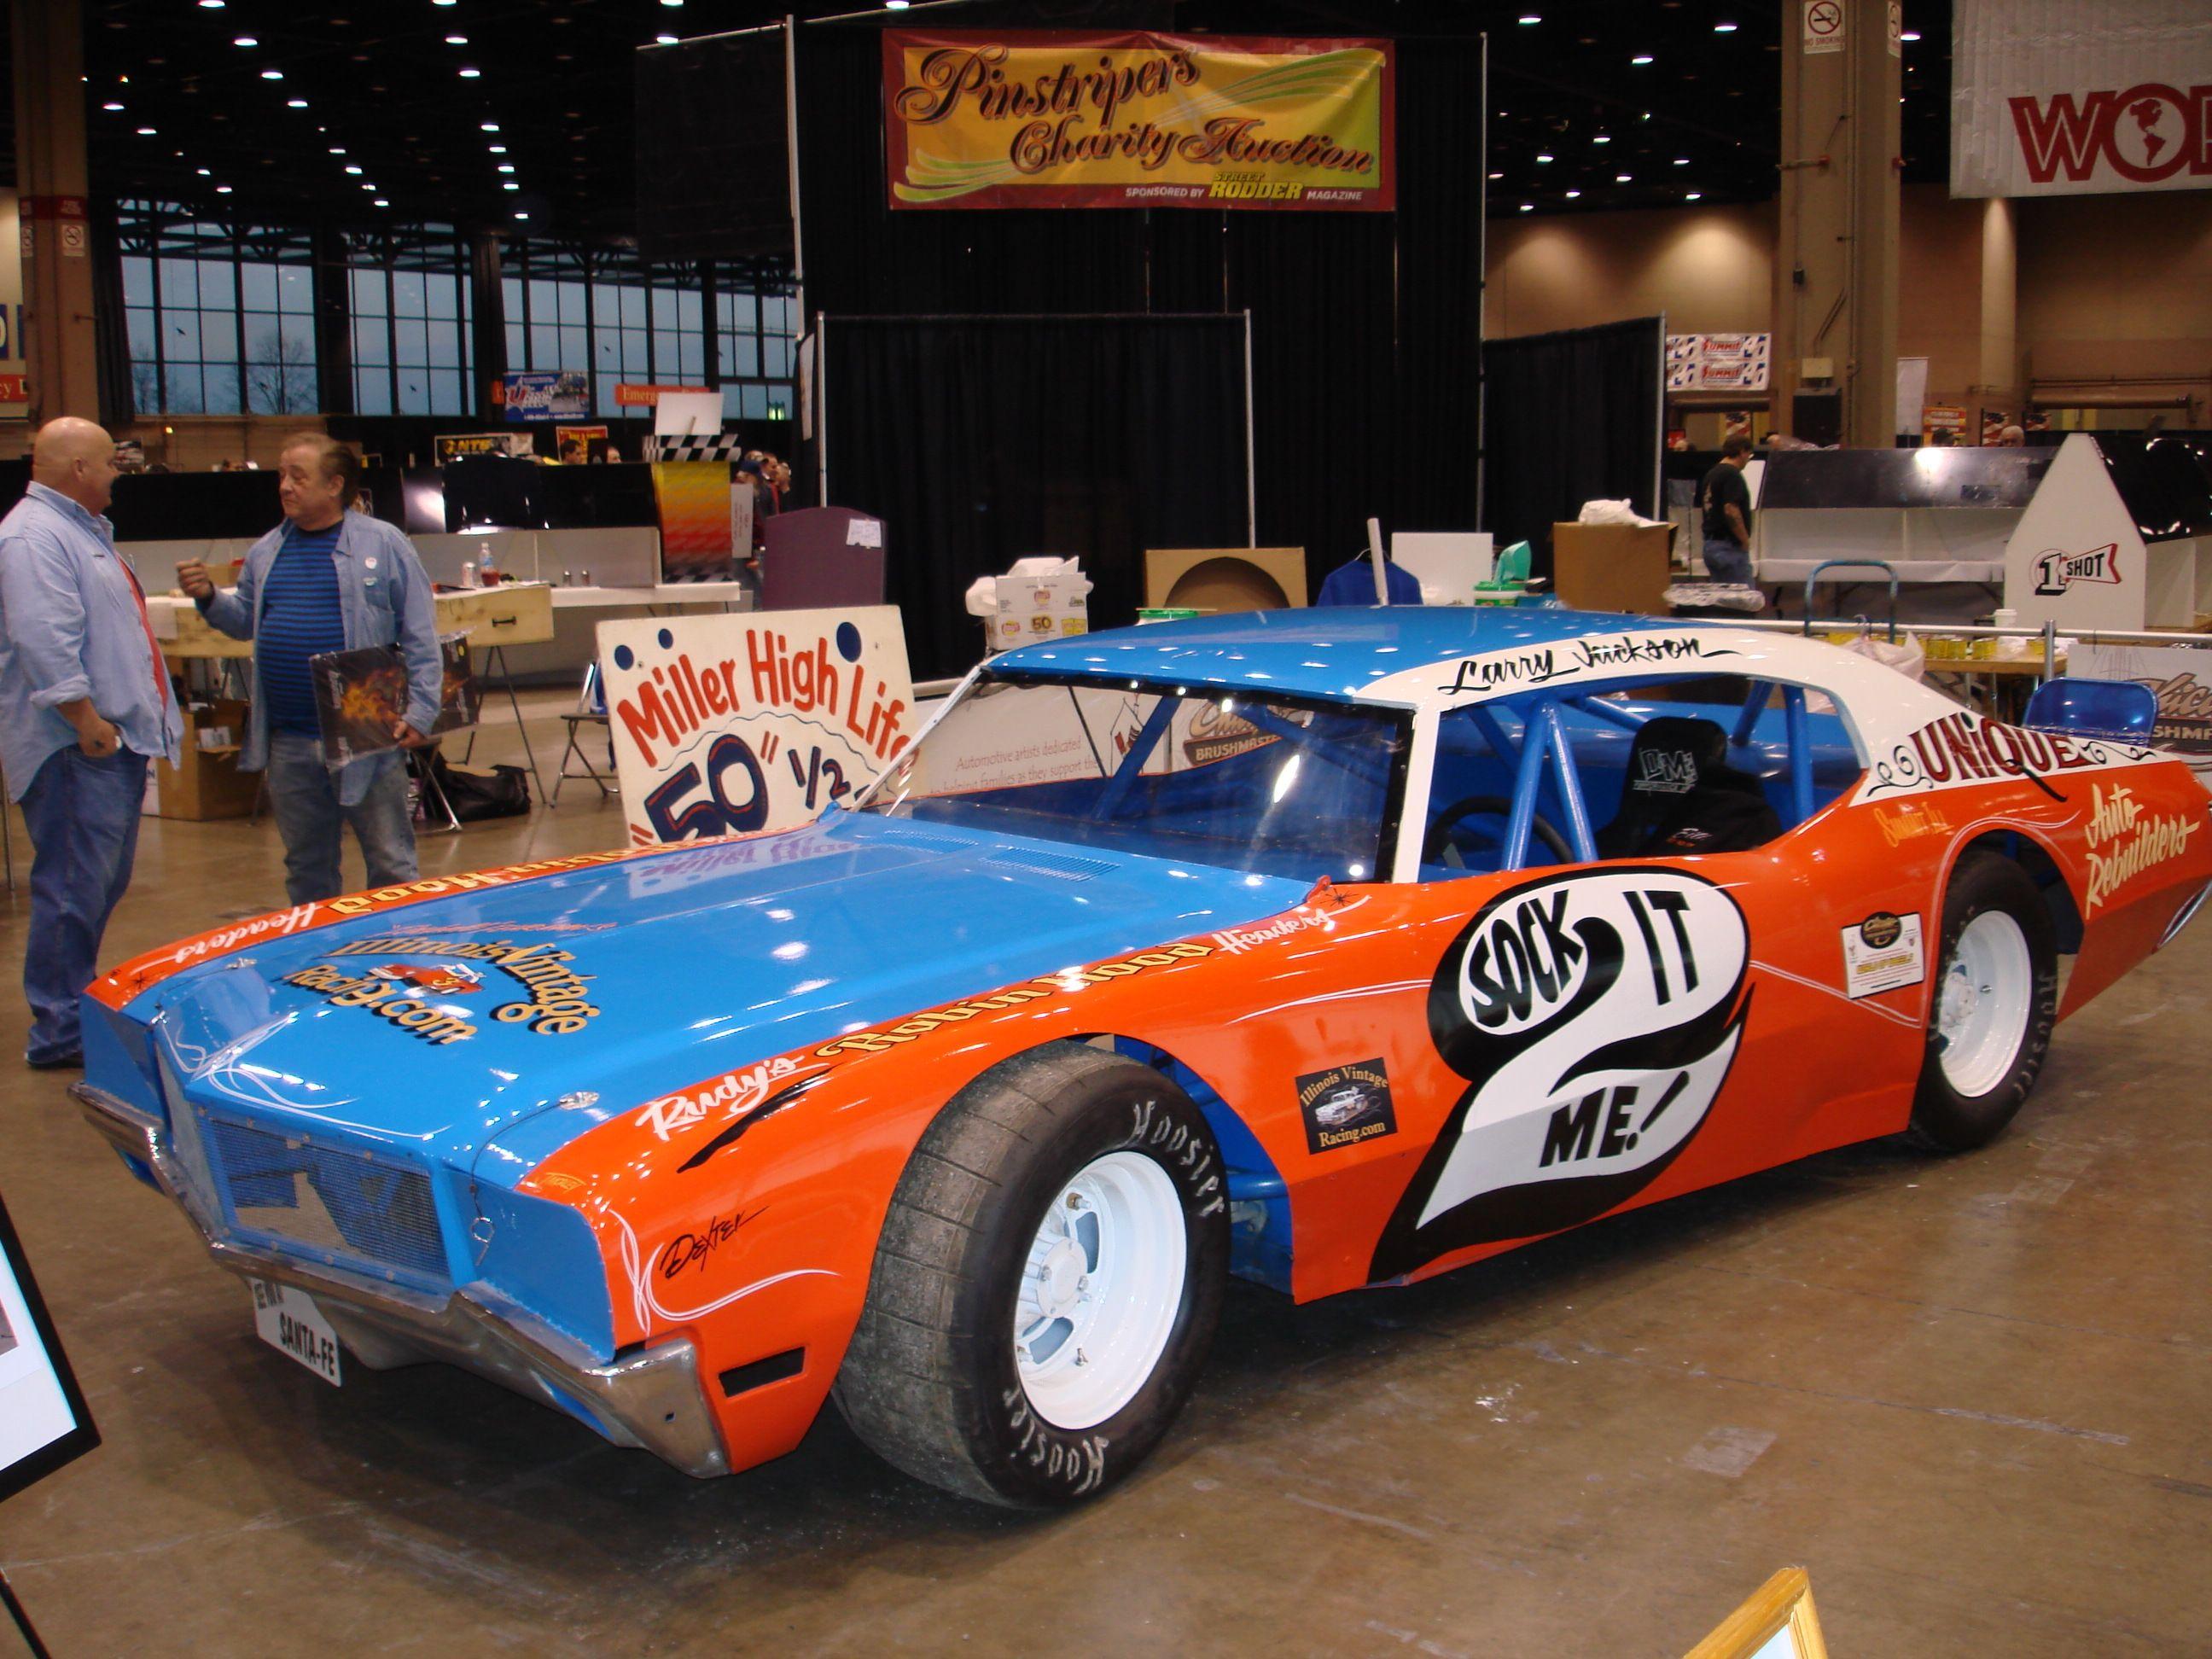 2009 Illinois Vintage Racing Cars | Illinois Vintage Racing Photo ...